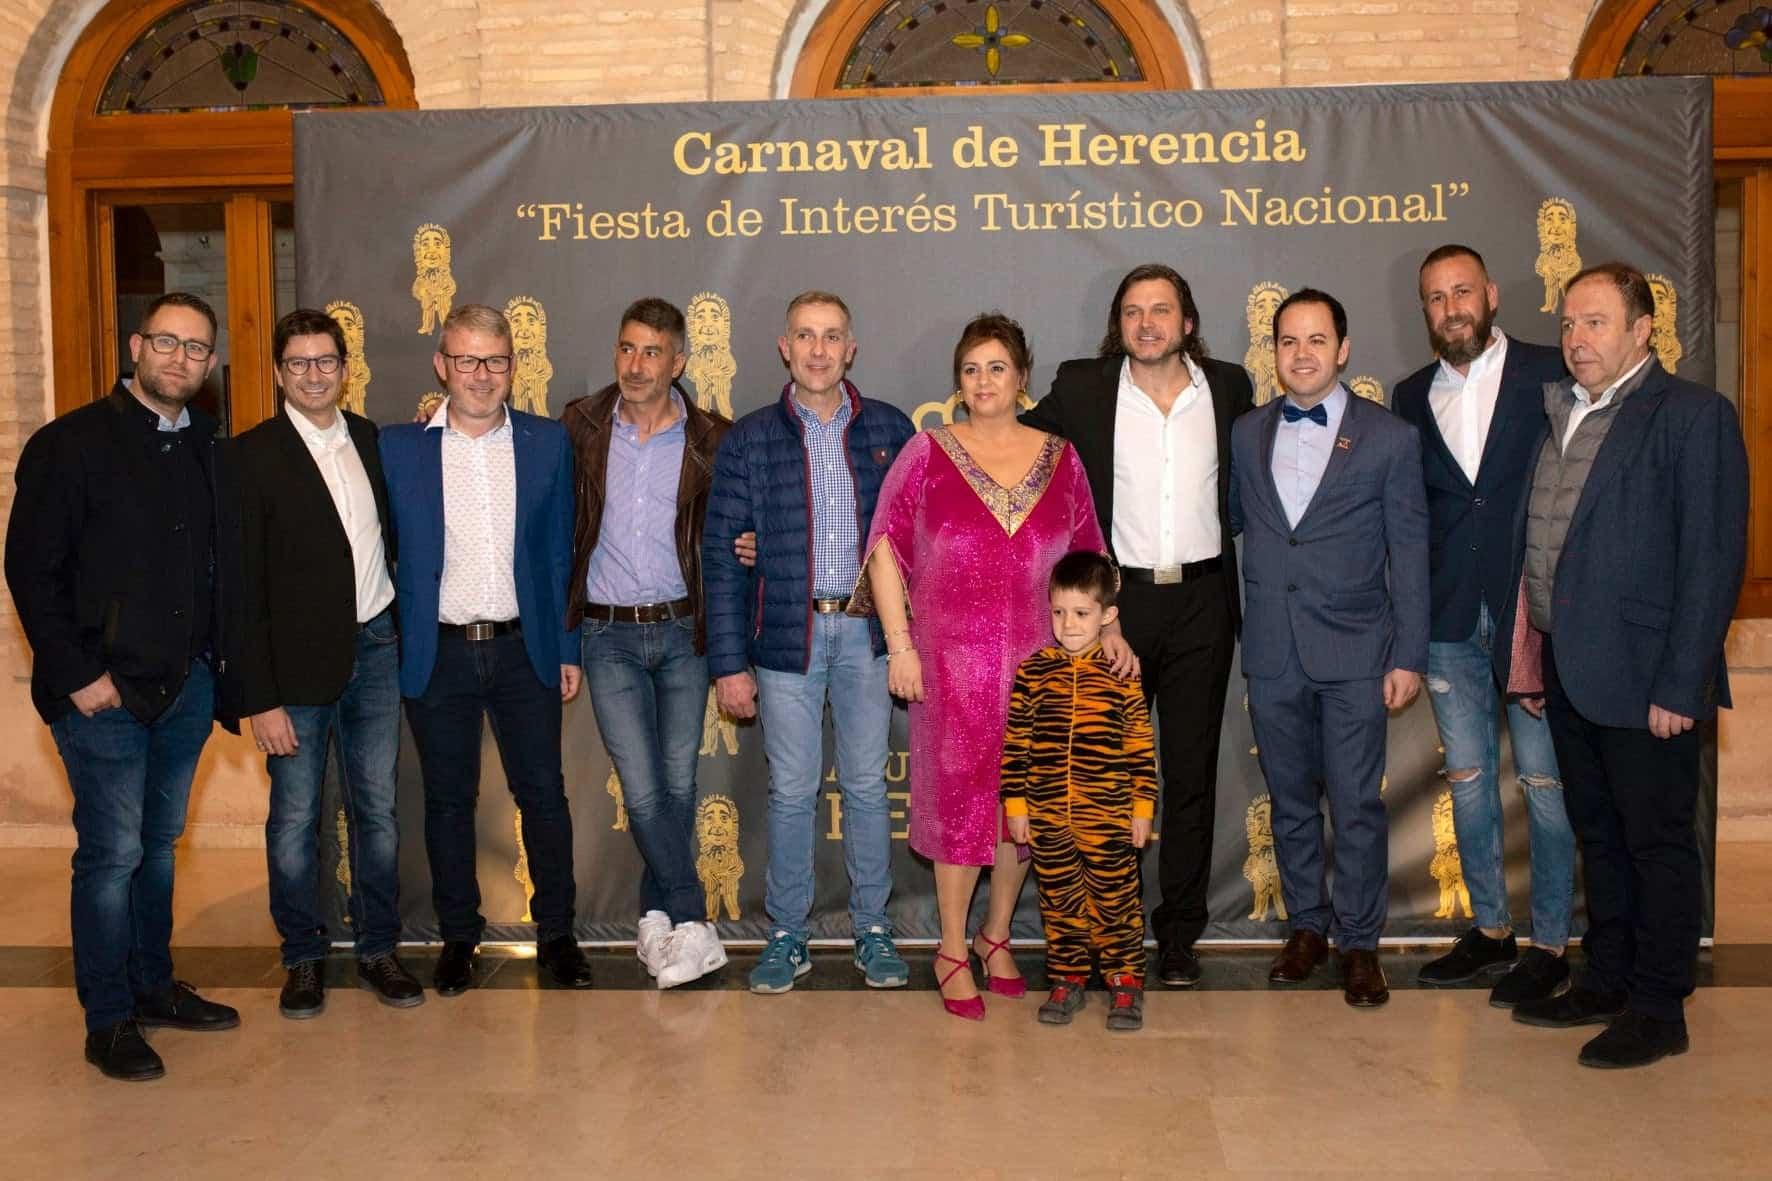 Inauguración del Carnaval de Herencia 2020 120